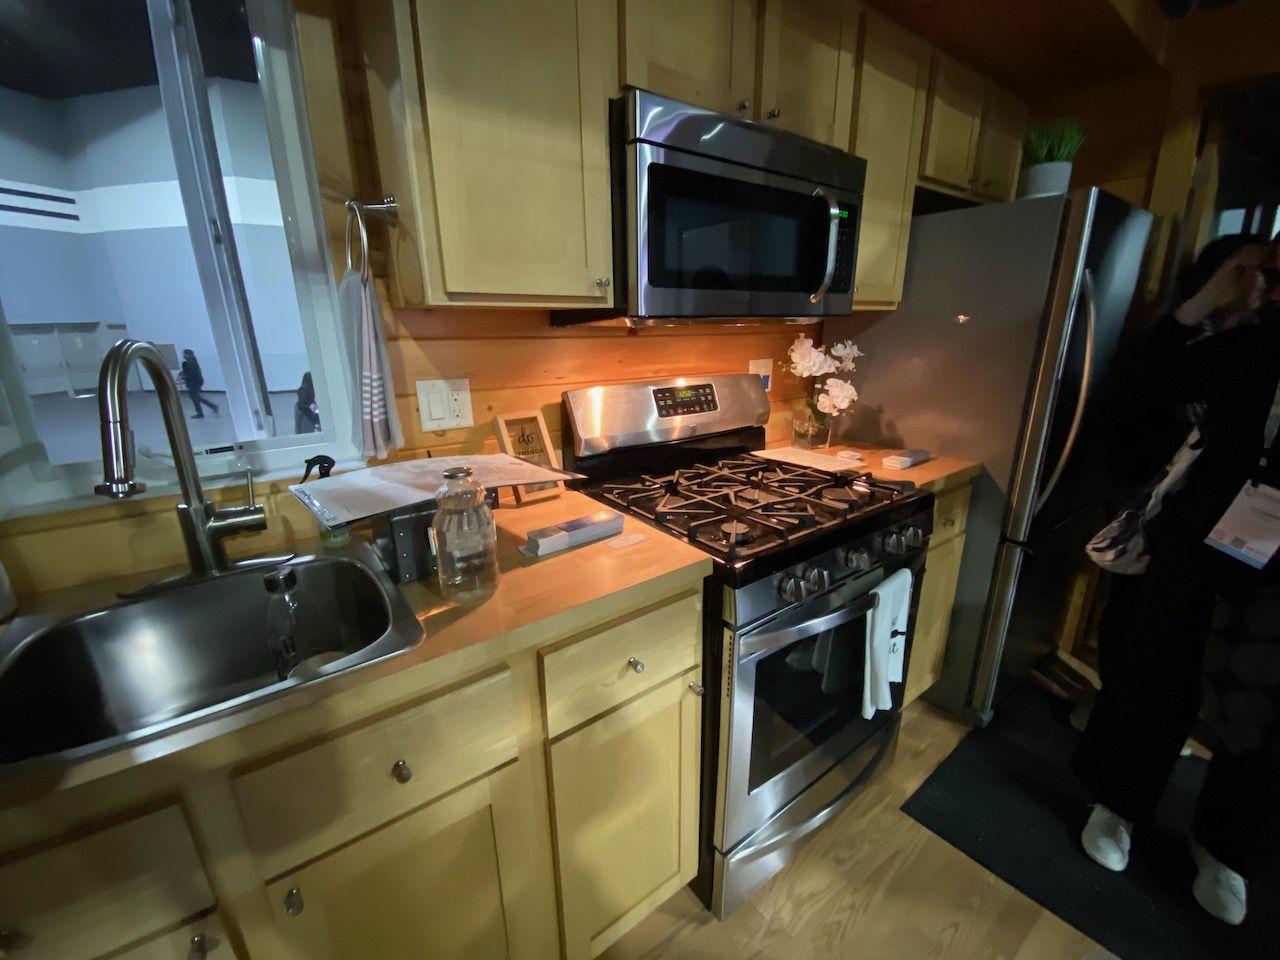 closeup of stove